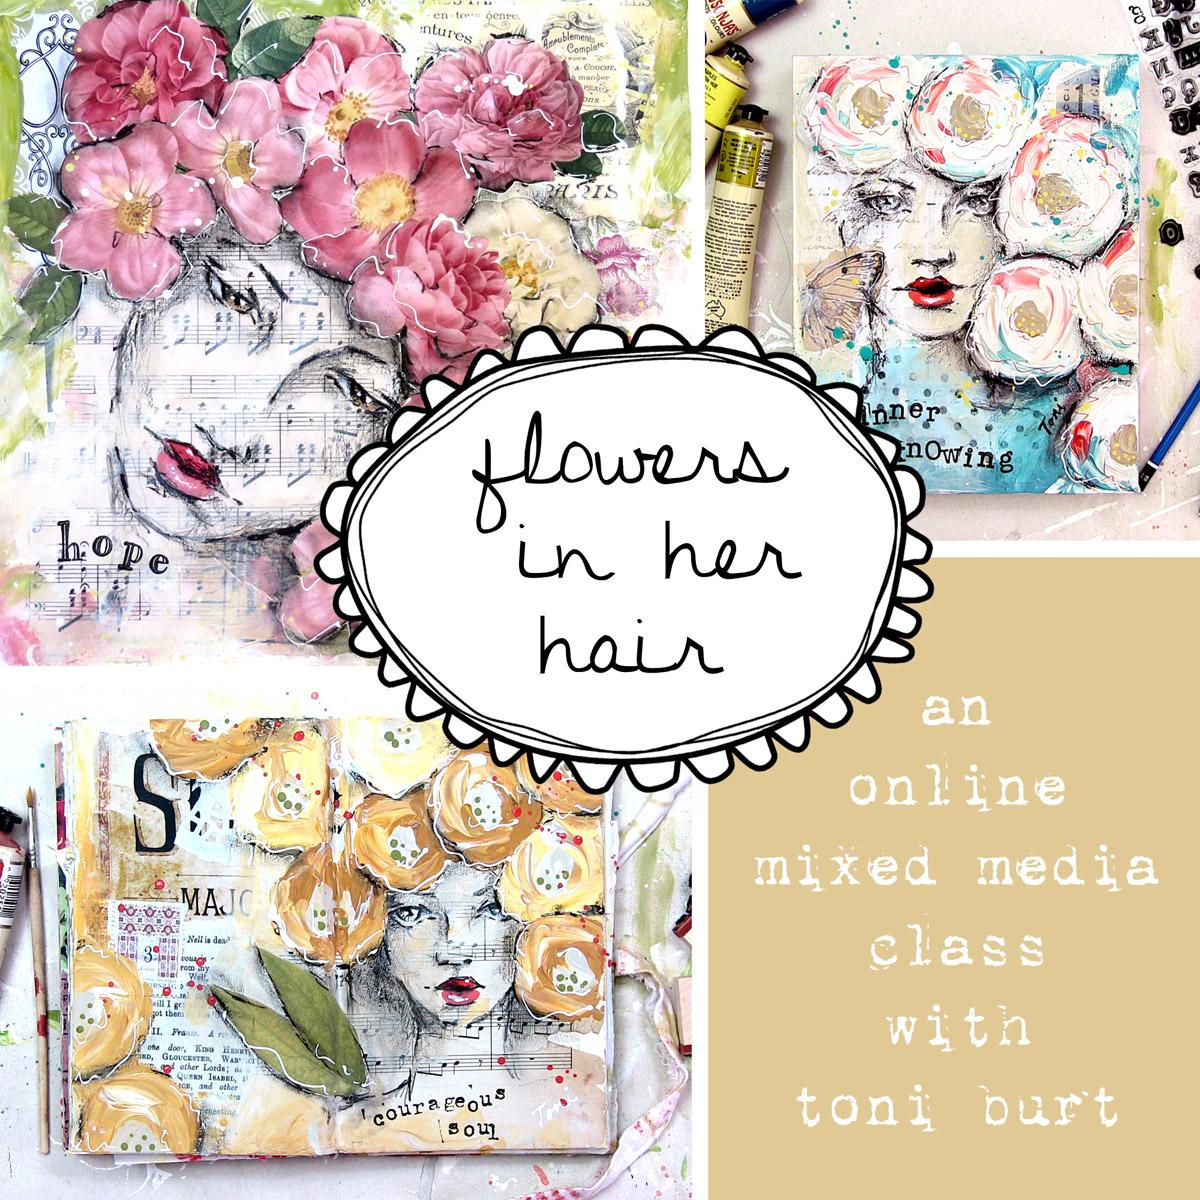 flowers-in-her-hair-advert-copy